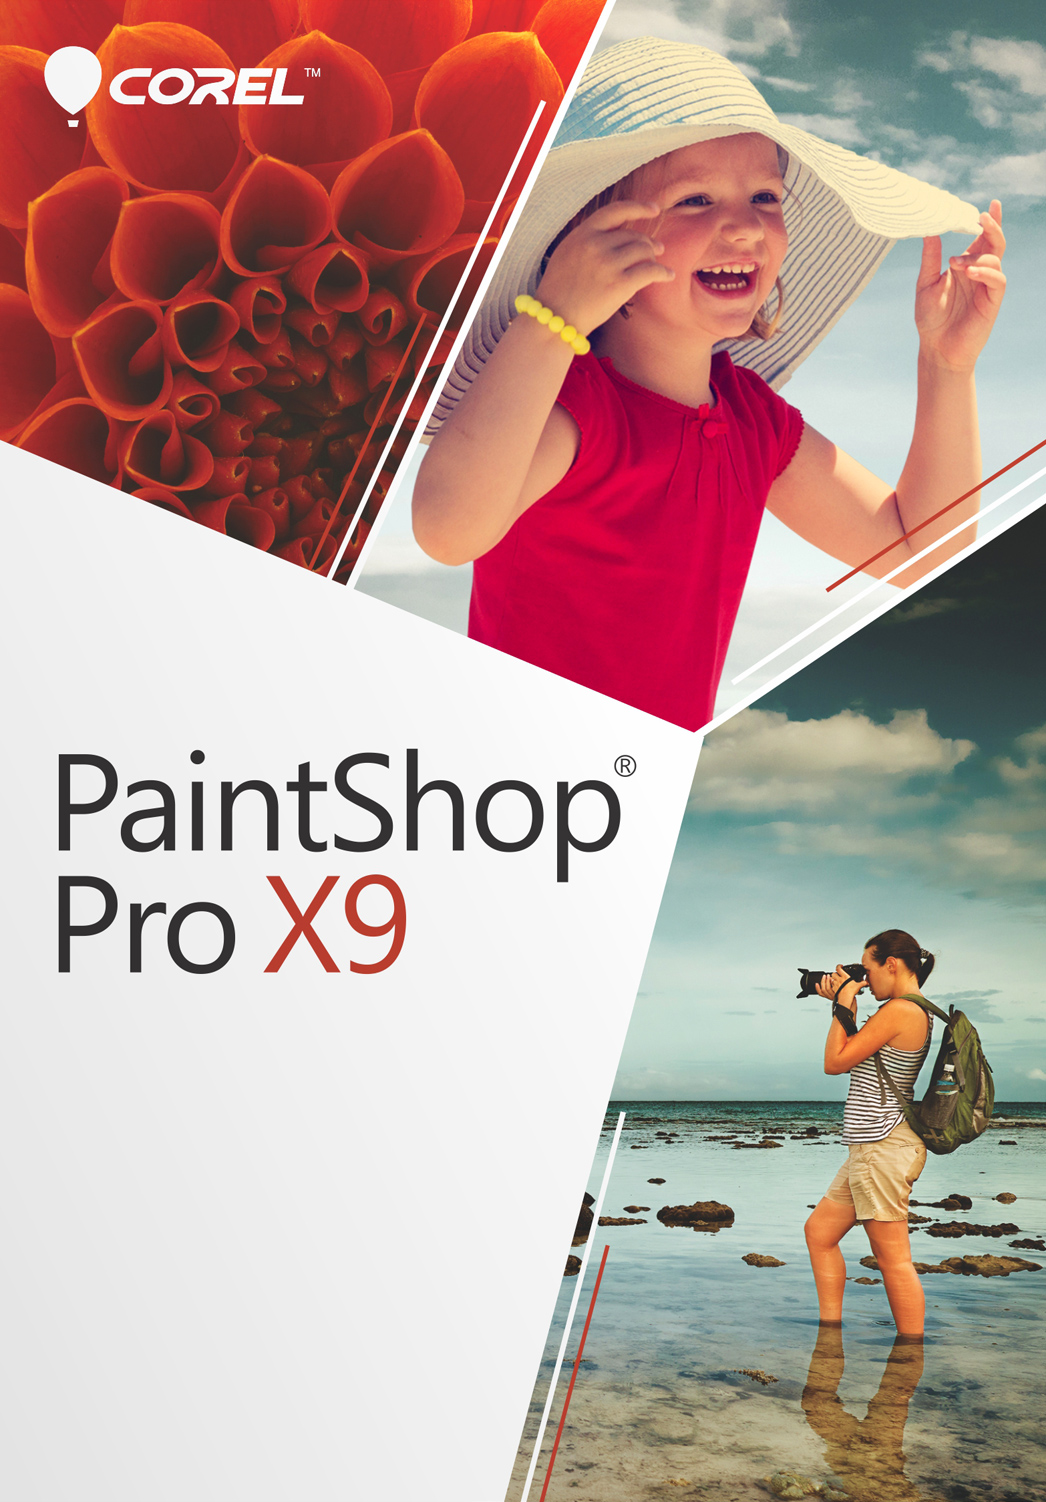 paint shop pro 8 - 7